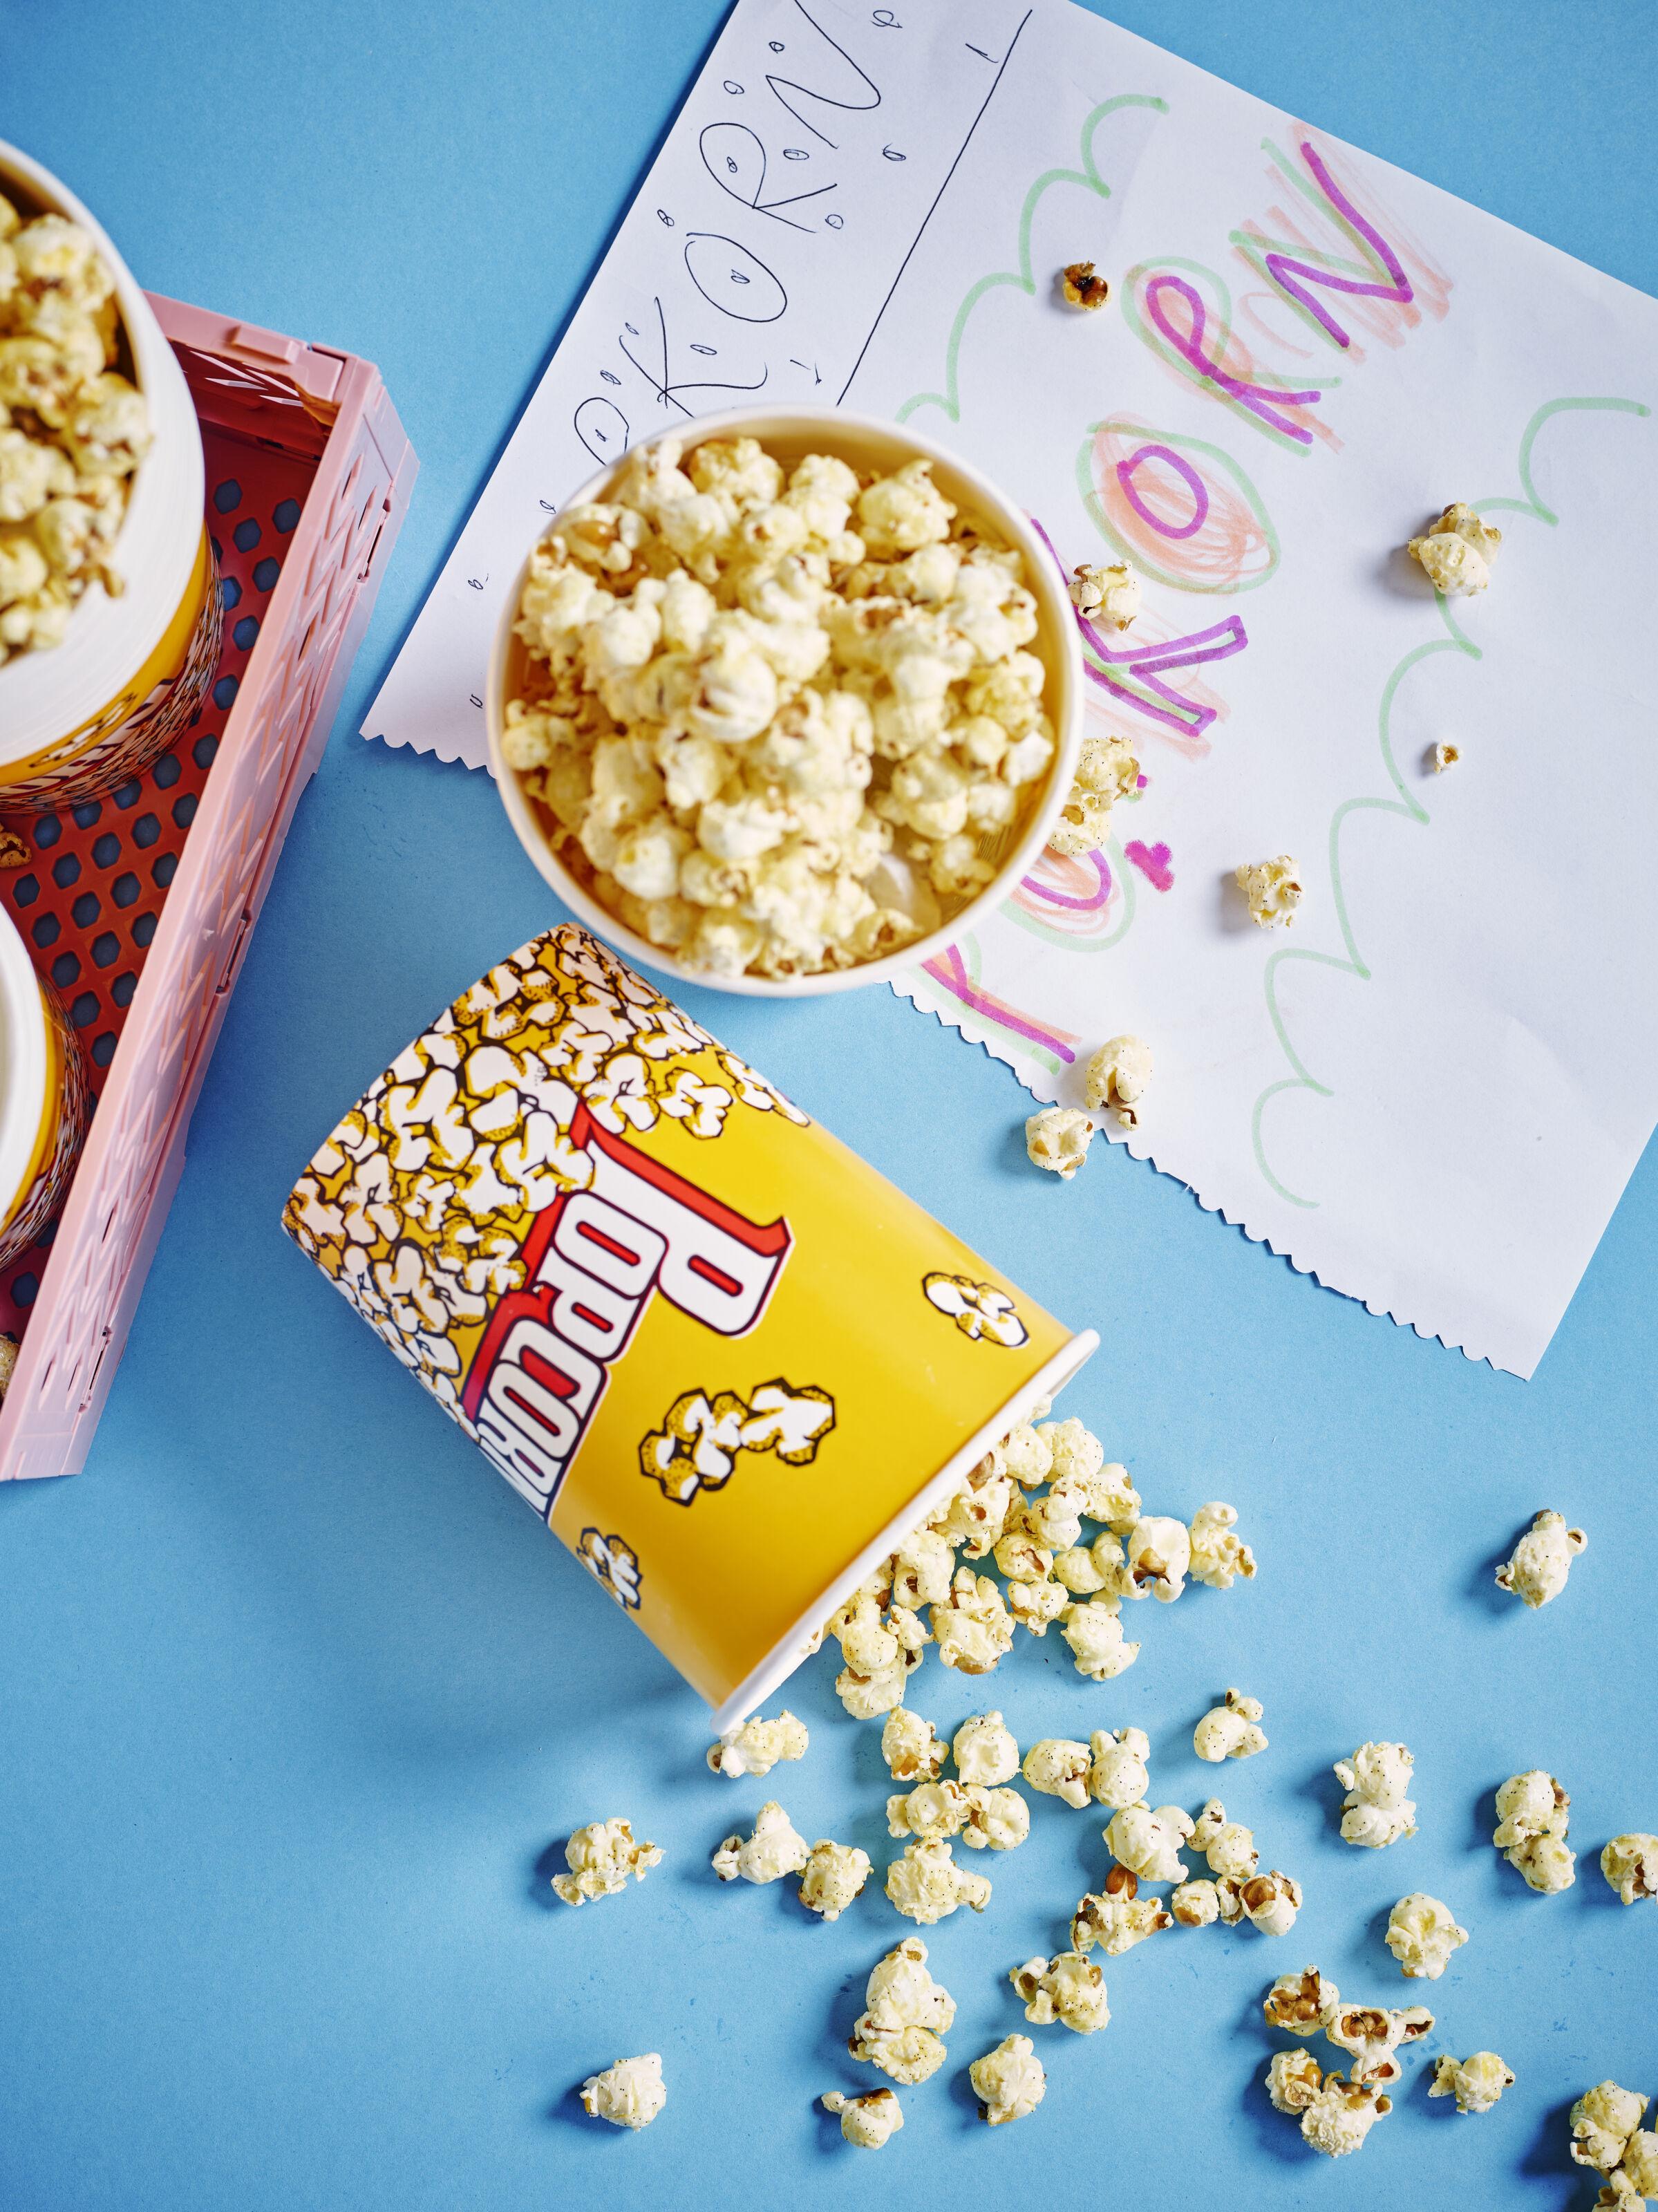 SOFIE DUMONT 22-01 zoete popcorn 144358